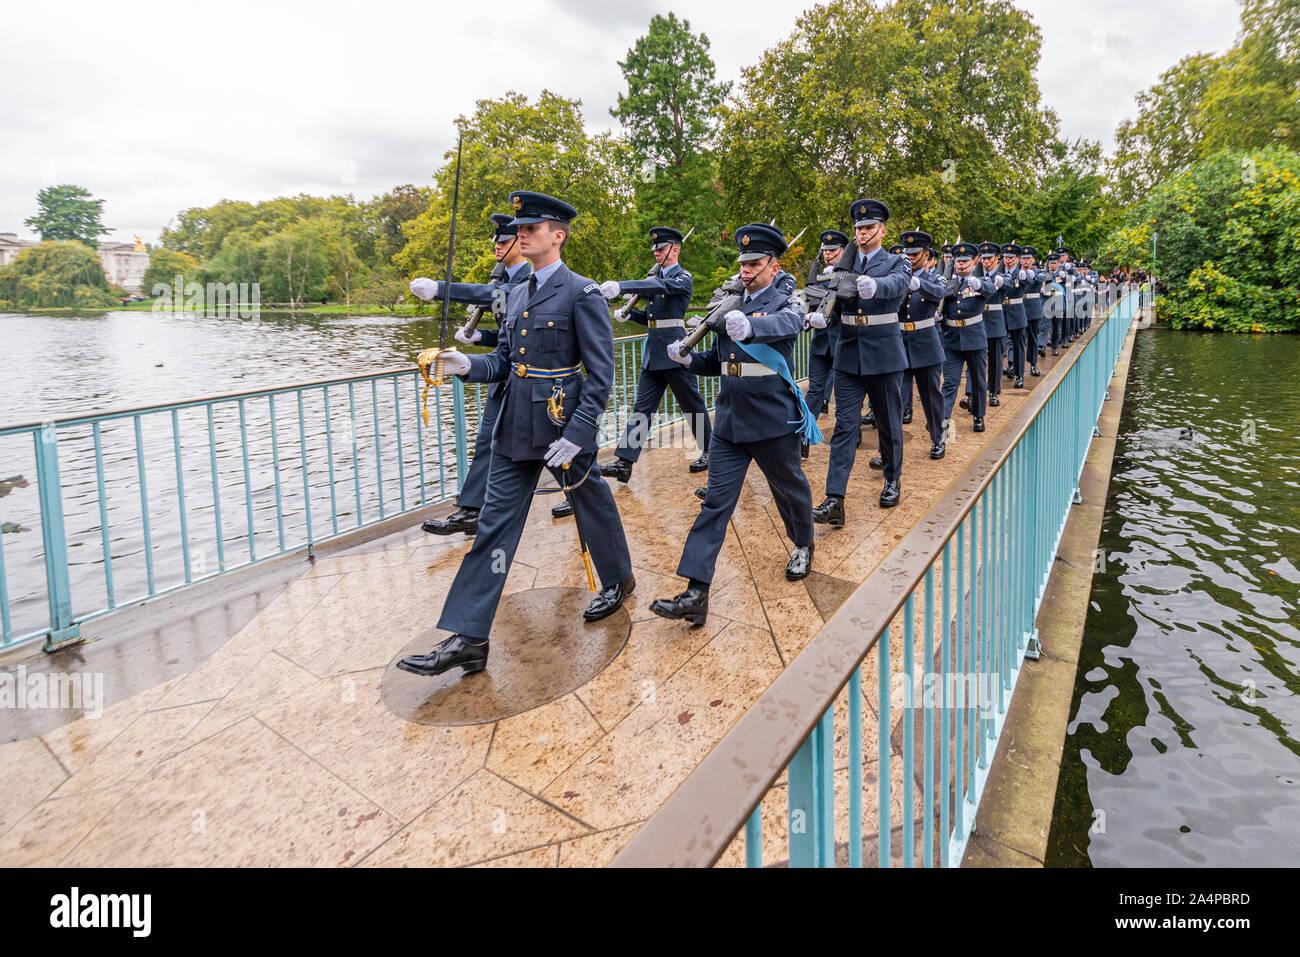 Royal Air Force RAF marschieren die blaue Brücke in St. James's Park in der Nähe von Buckingham Palace nach der Öffnung des Parlaments, London, UK Stockfoto